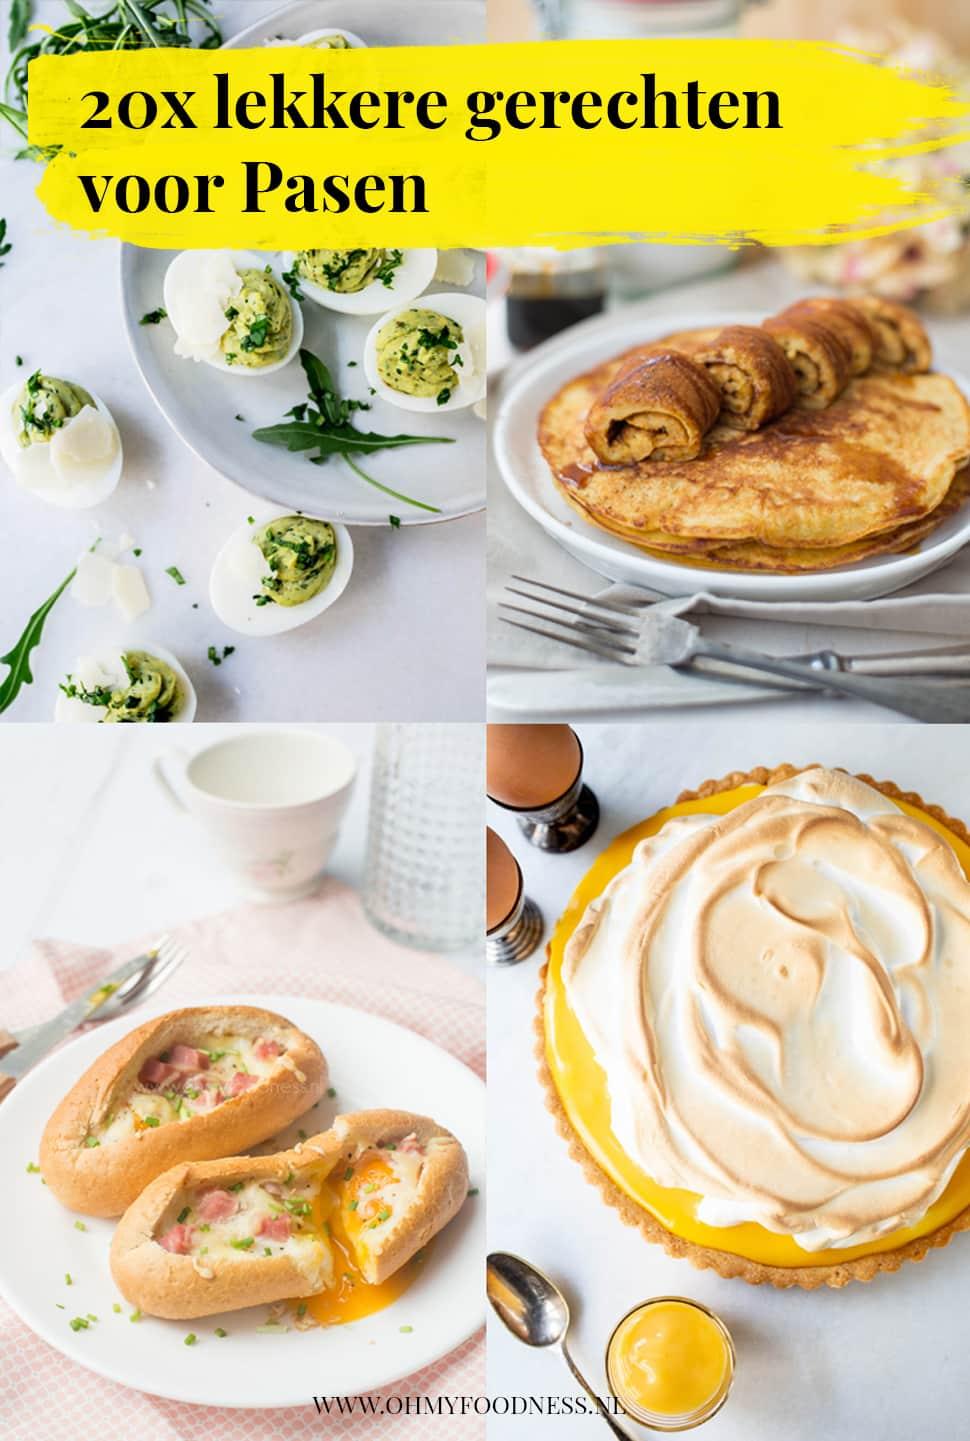 20x lekkere gerechten voor Pasen